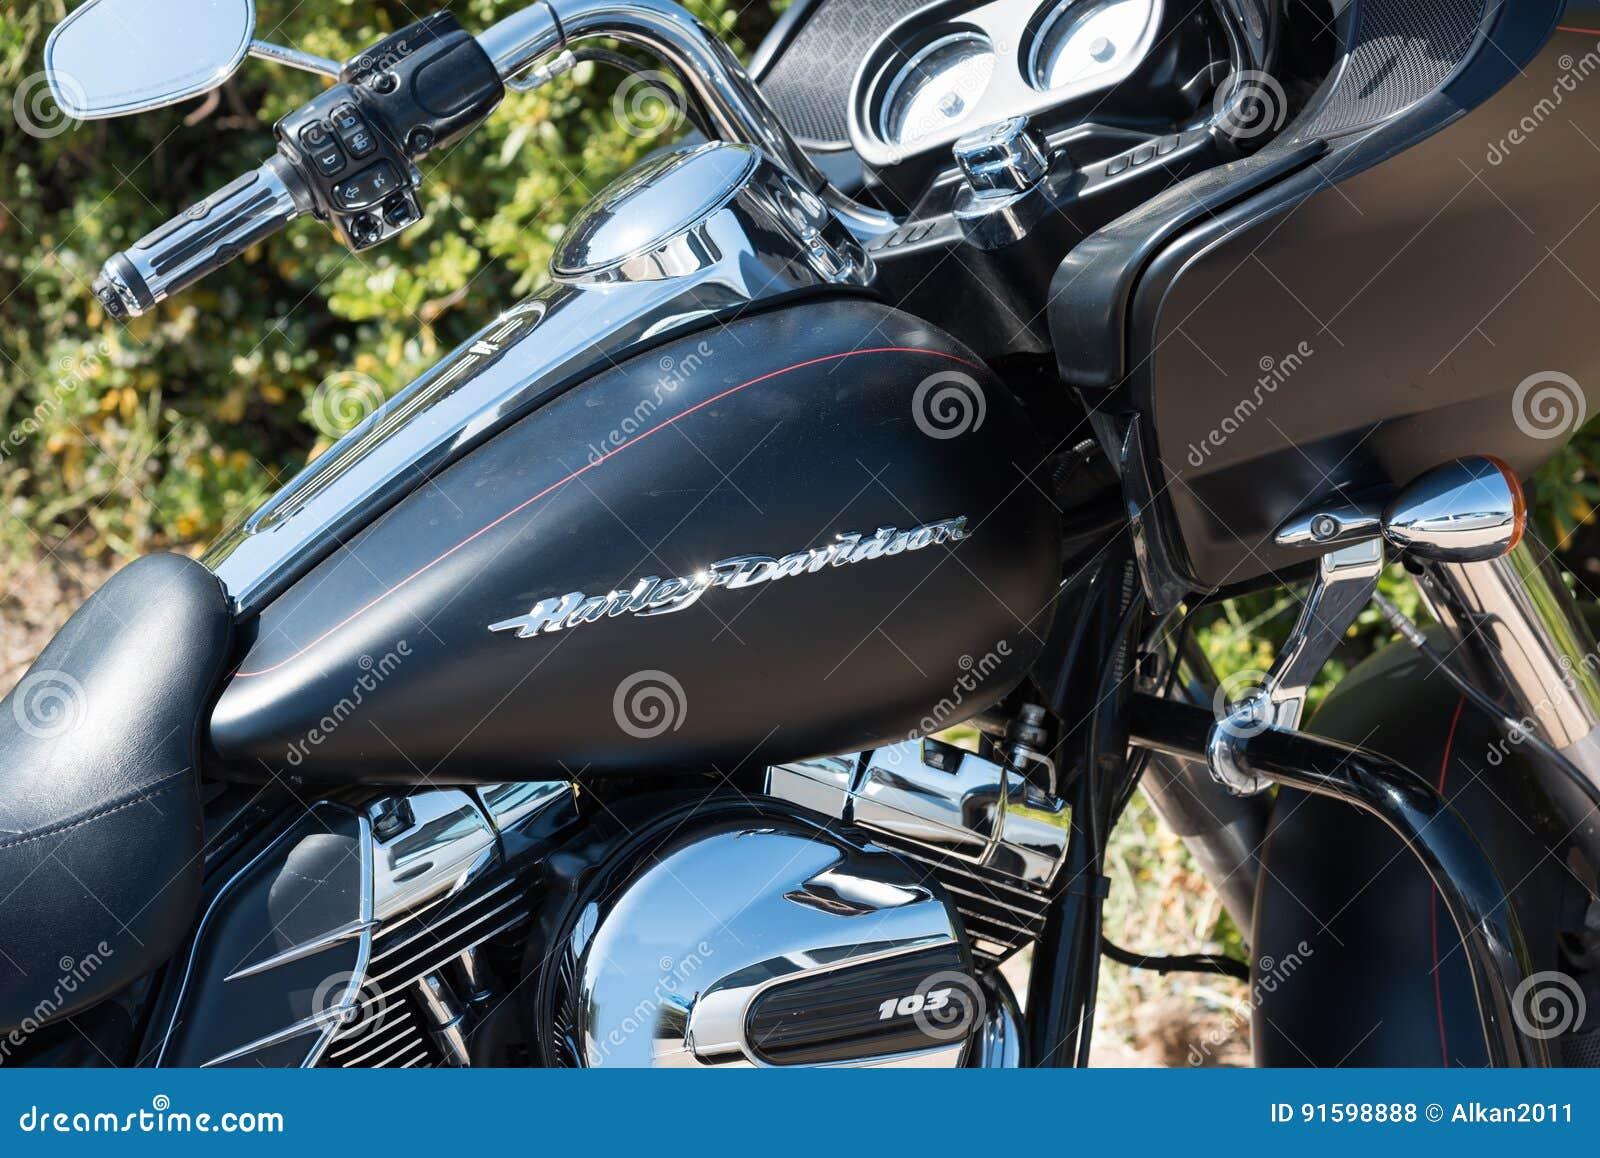 Tanque De Gas De Harley Davidson Road Glide Special Foto De Stock Editorial Imagem De Road Tanque 91598888